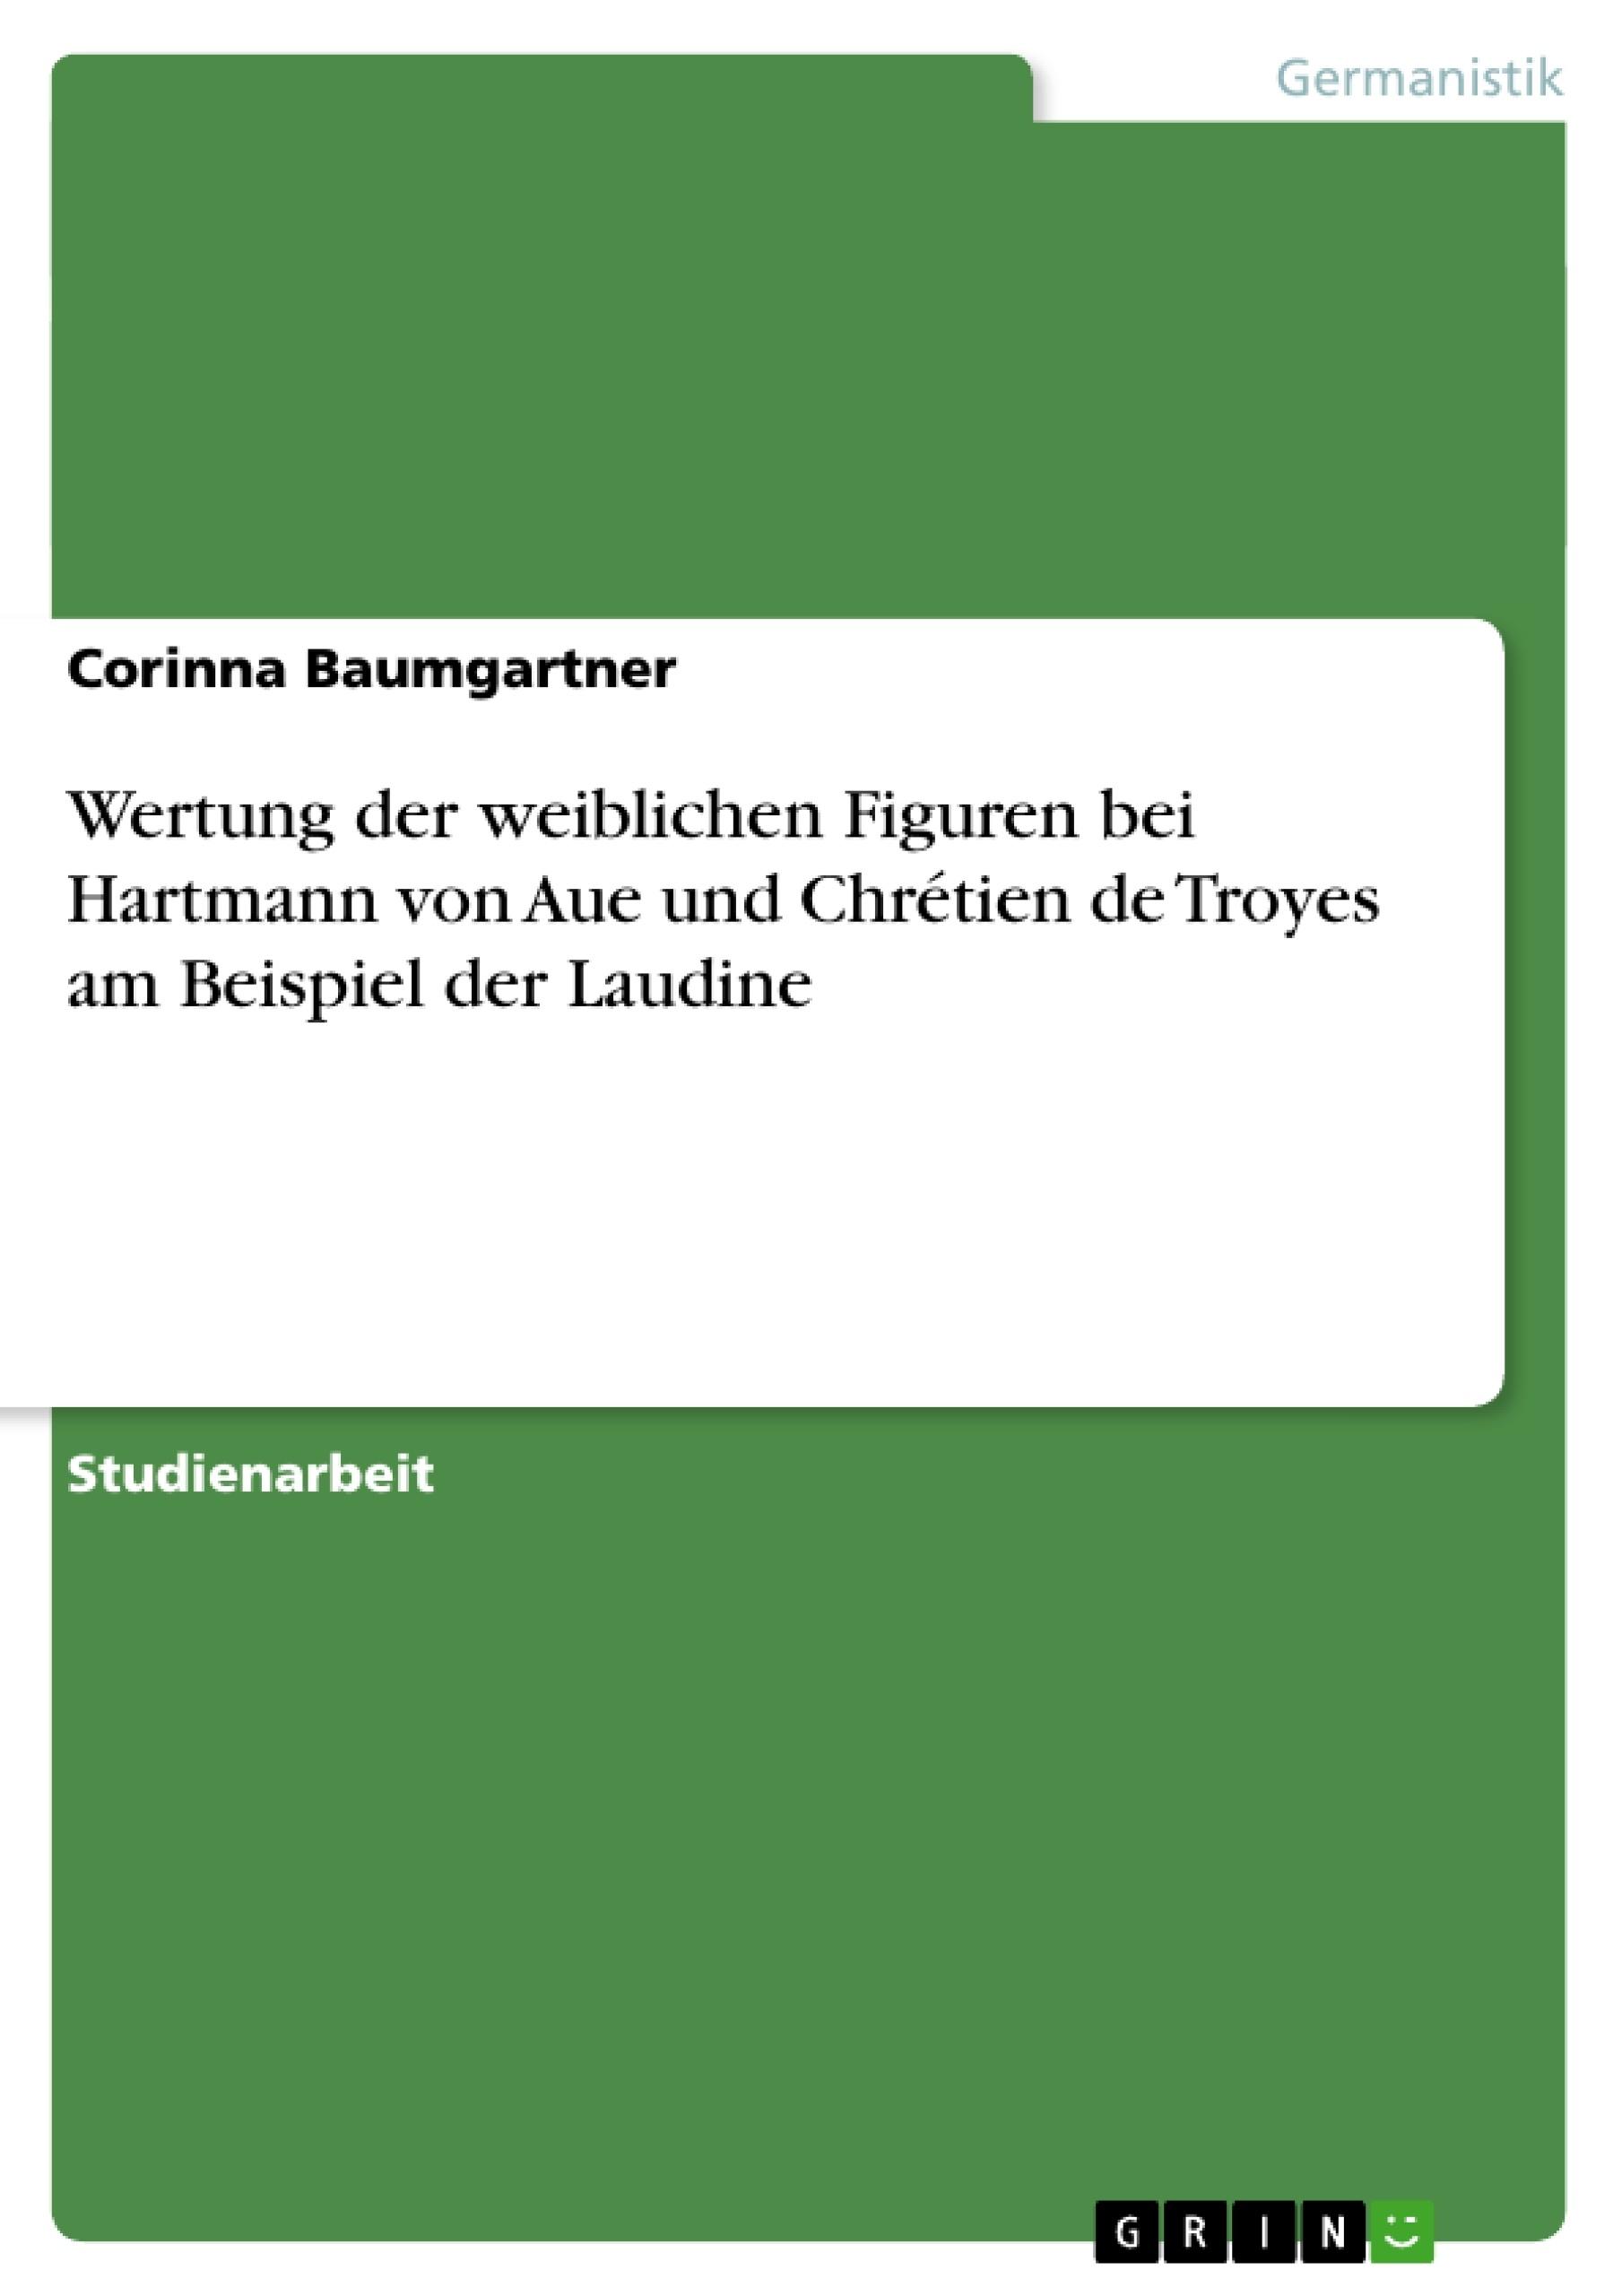 Titel: Wertung der weiblichen Figuren bei Hartmann von Aue und Chrétien de Troyes am Beispiel der Laudine